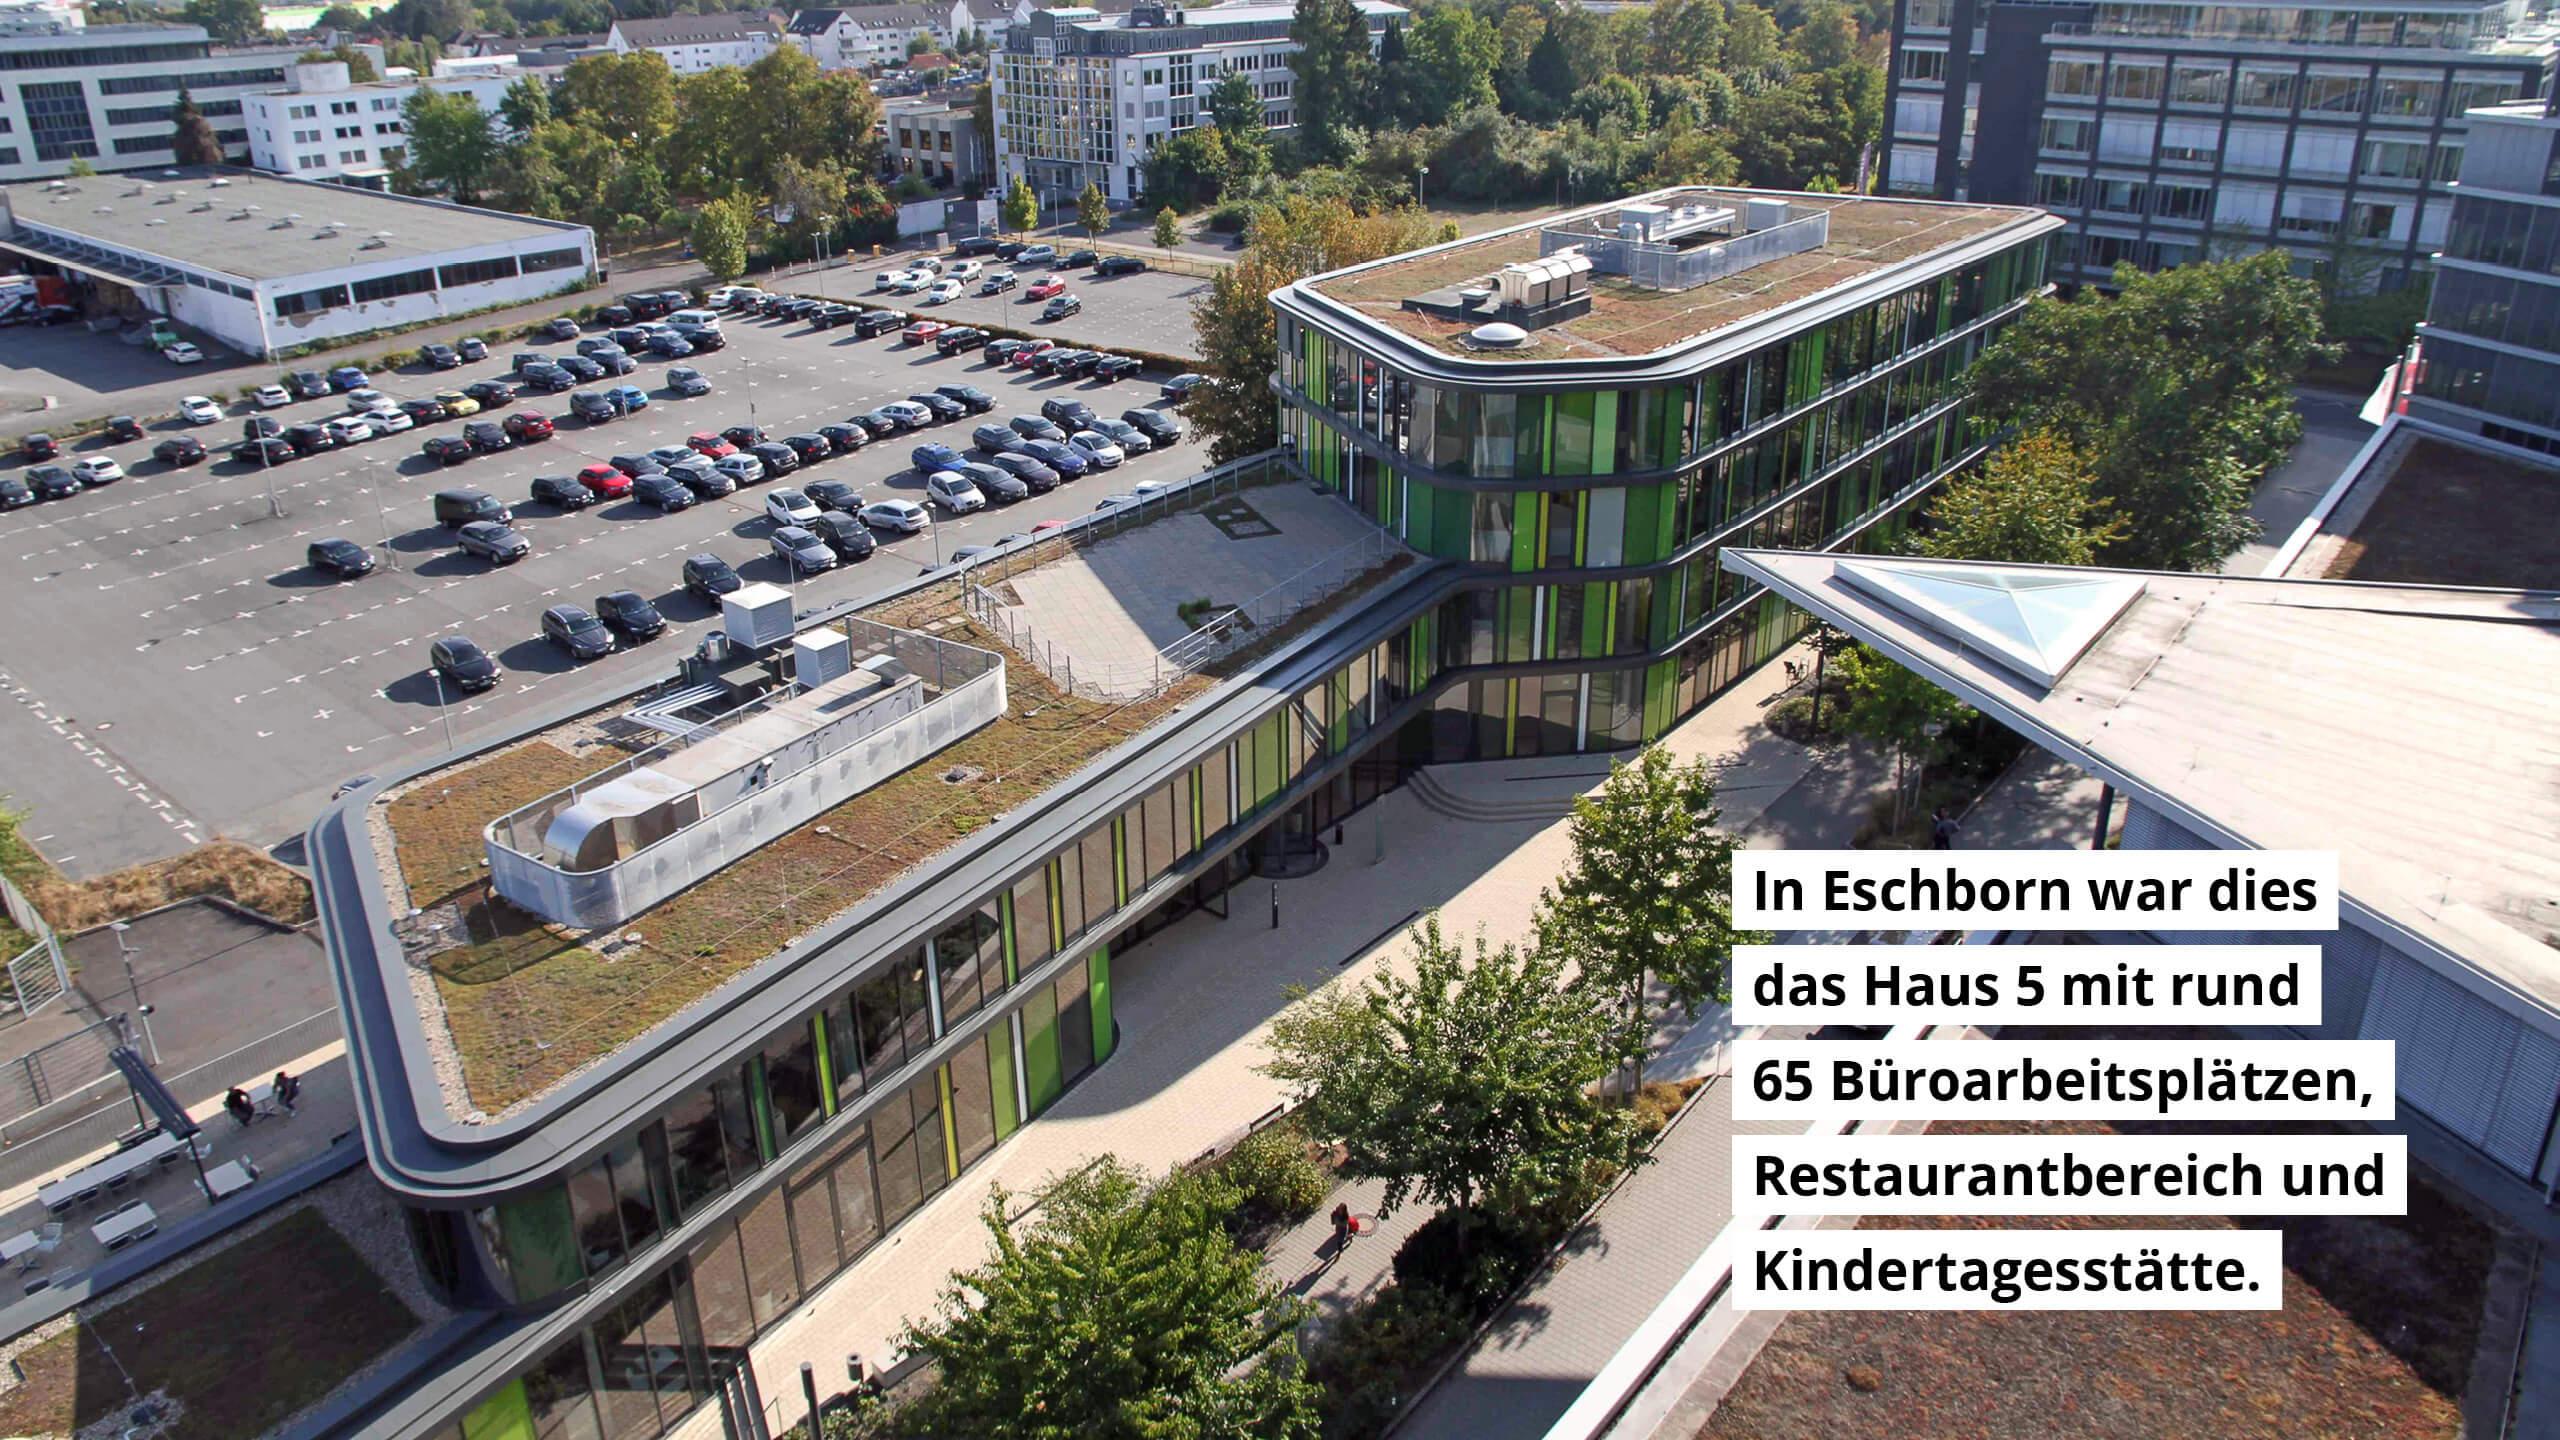 In Eschborn war dies das Haus 5 mit rund 65 Büroarbeitsplätzen, Restaurantbereich und Kitas.